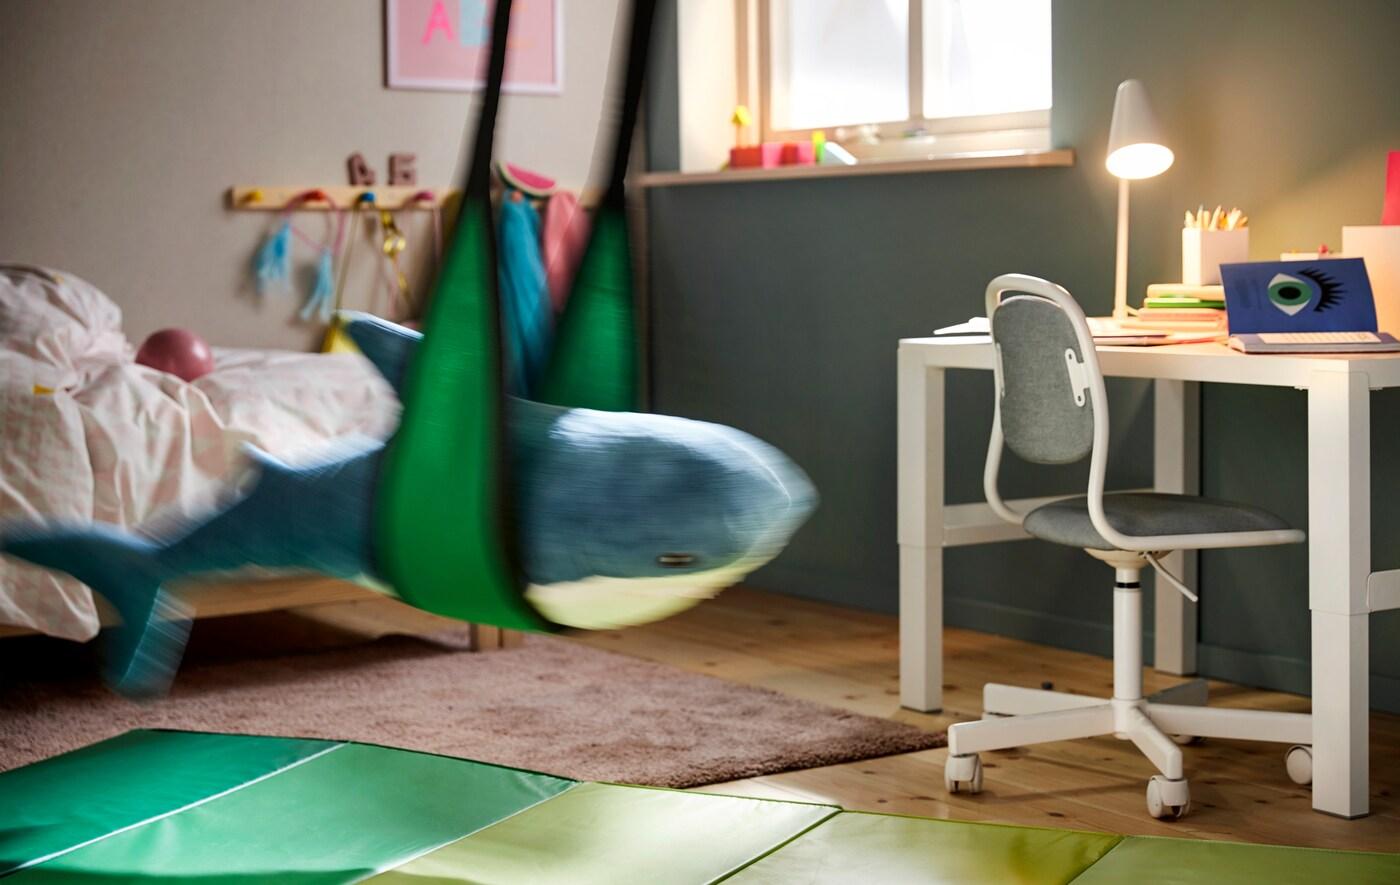 Postavi ljuljašku pored radnog stola i omogući mališanima da se s učenja lako prebace na zabavne aktivnosti.